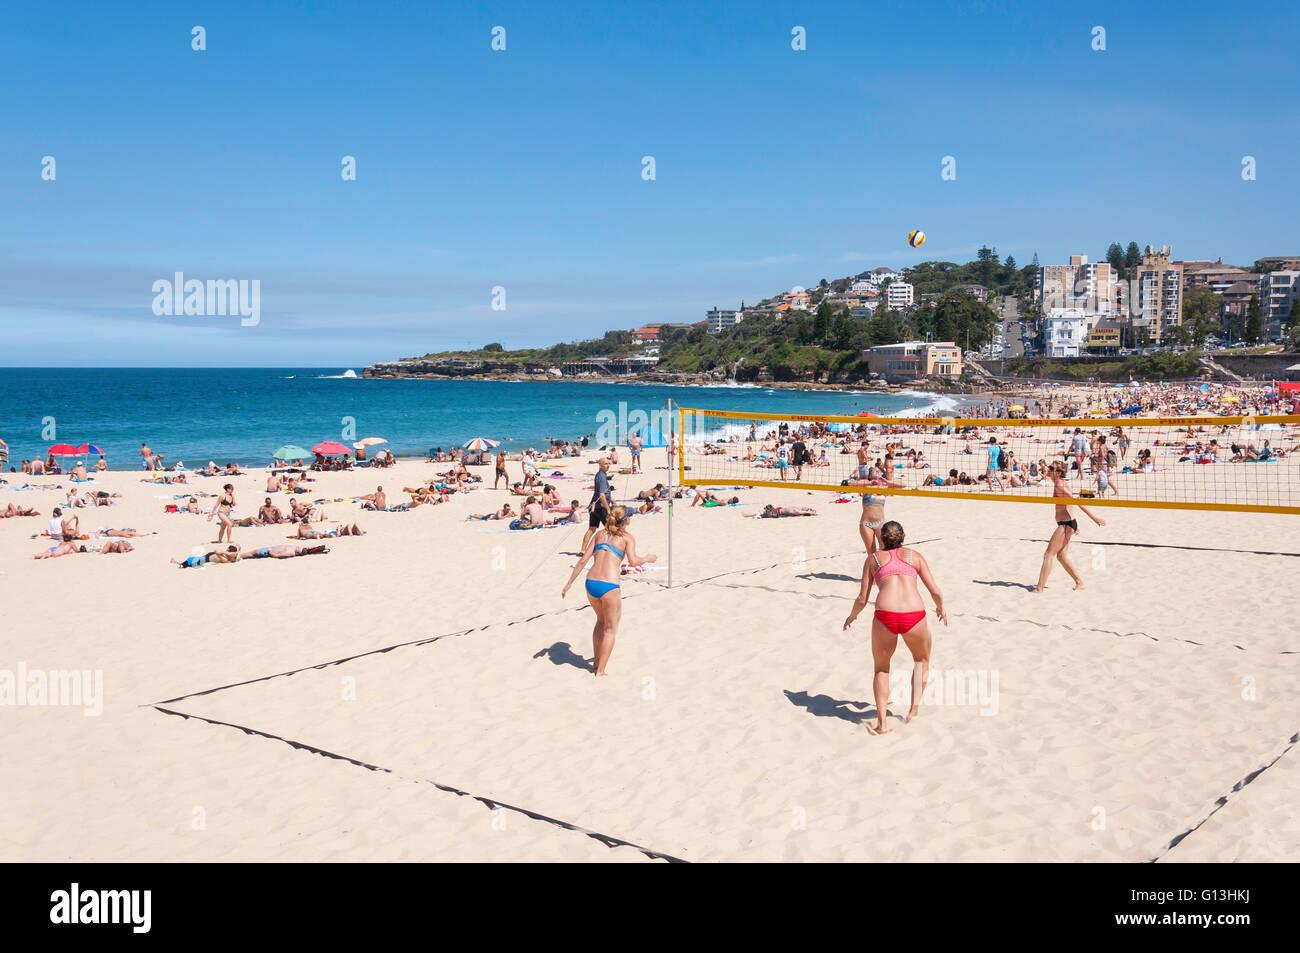 Le donne a giocare a beach volley sulla spiaggia di Coogee, Coogee, Sydney, Nuovo Galles del Sud, Australia Immagini Stock